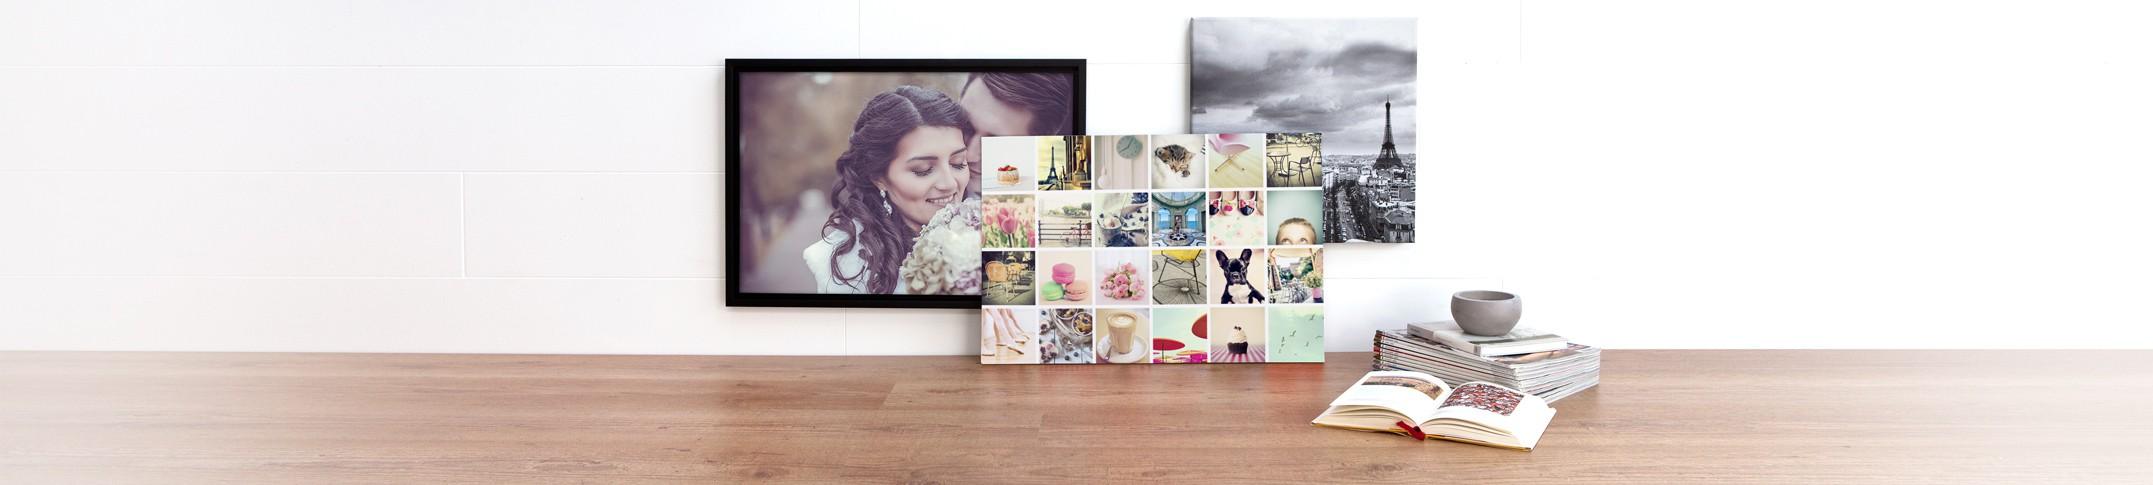 Canvastavlor - Skapa din egen väggkonst med dina favoritbilder